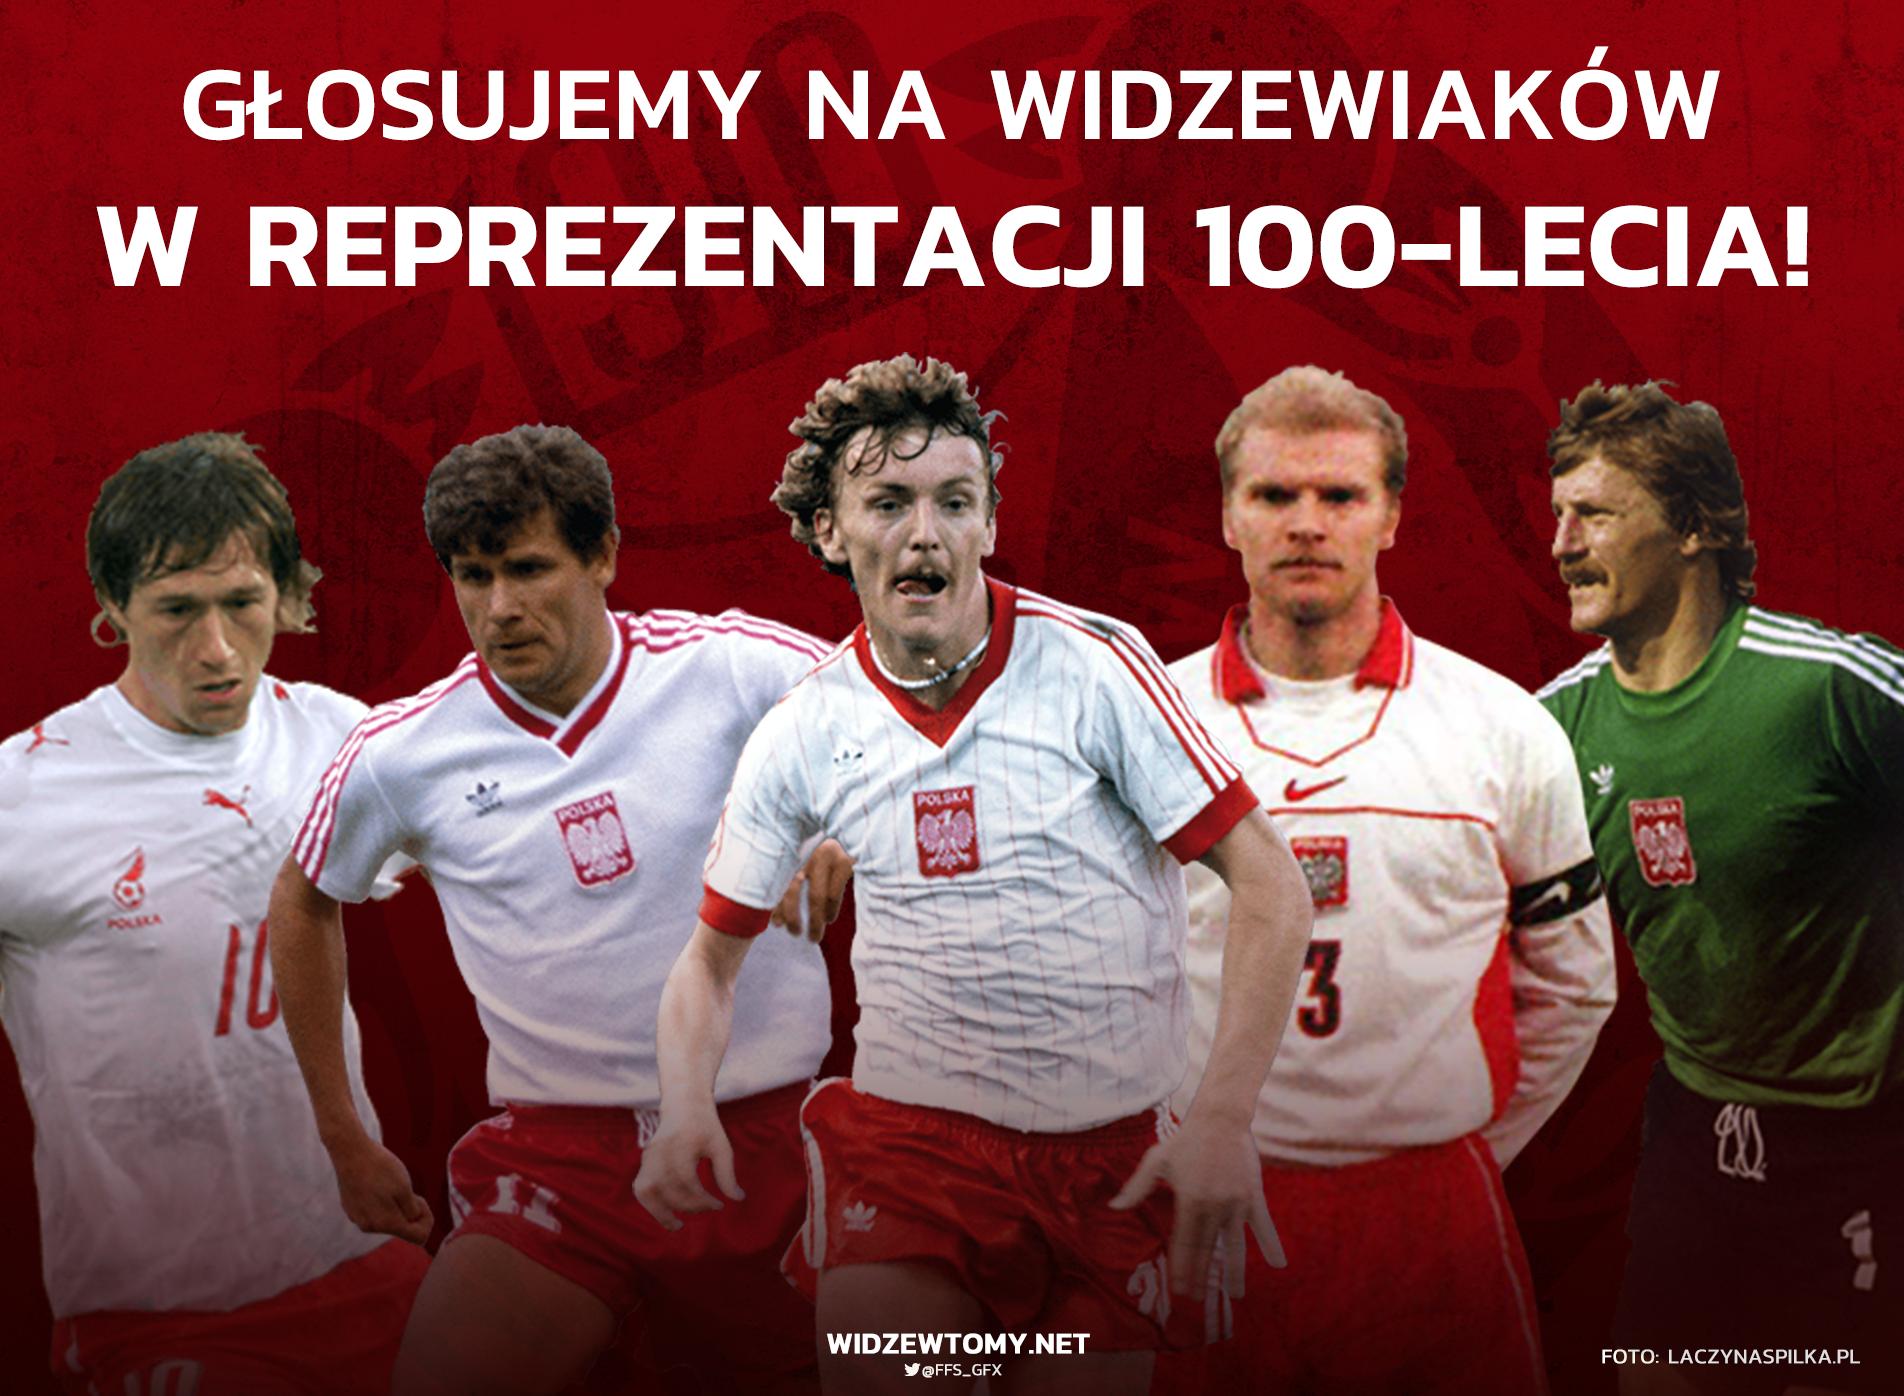 Piłkarze Widzewa wśród kandydatów do reprezentacji 100-lecia